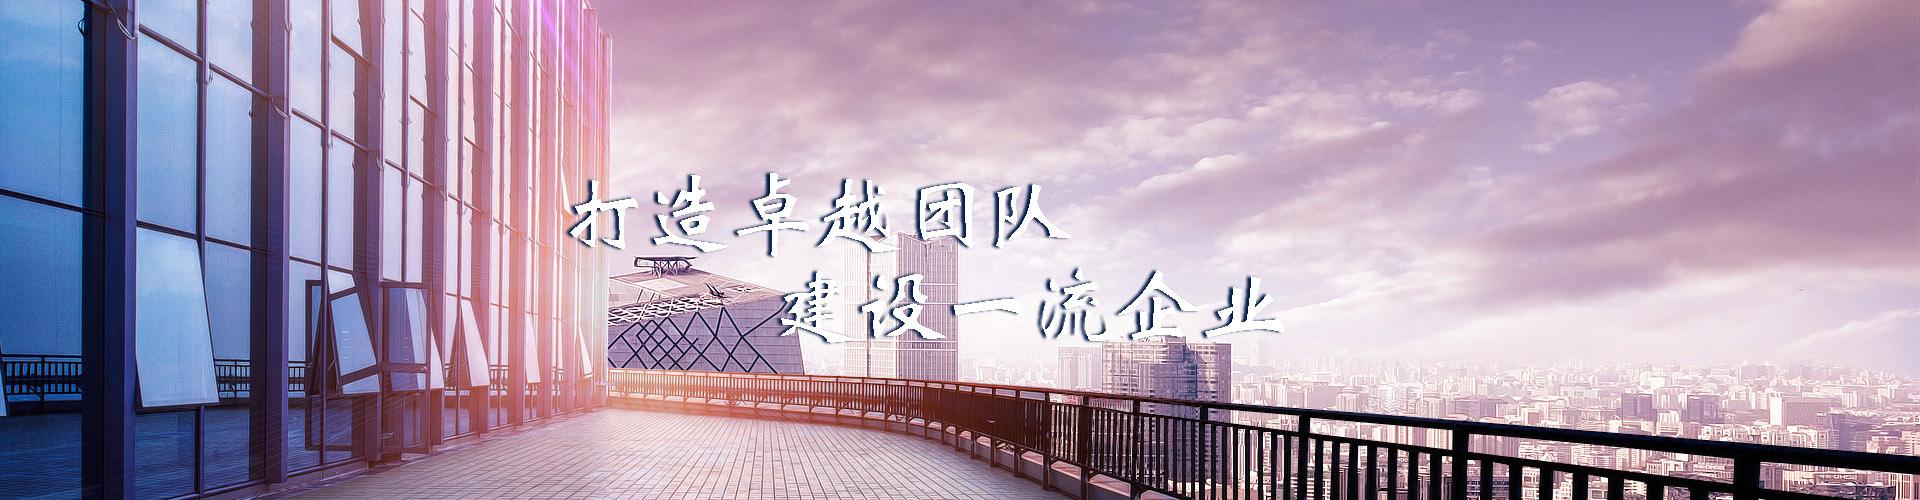 合肥中辰轻工机械-banner3